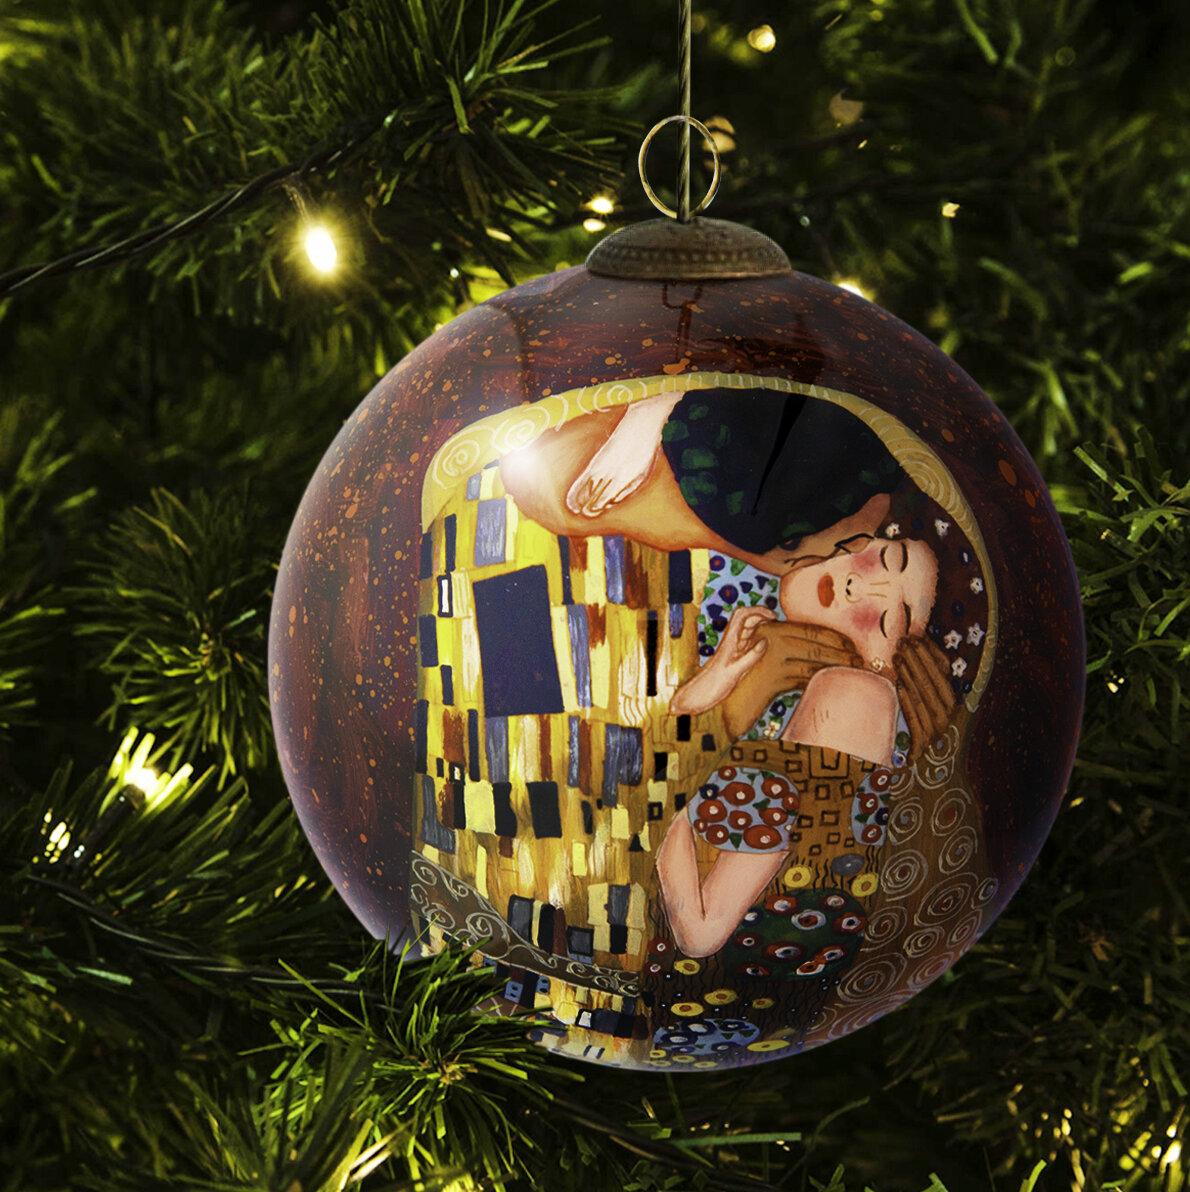 La Pastiche Kiss Hand Painted Glass Ornament | Wayfair